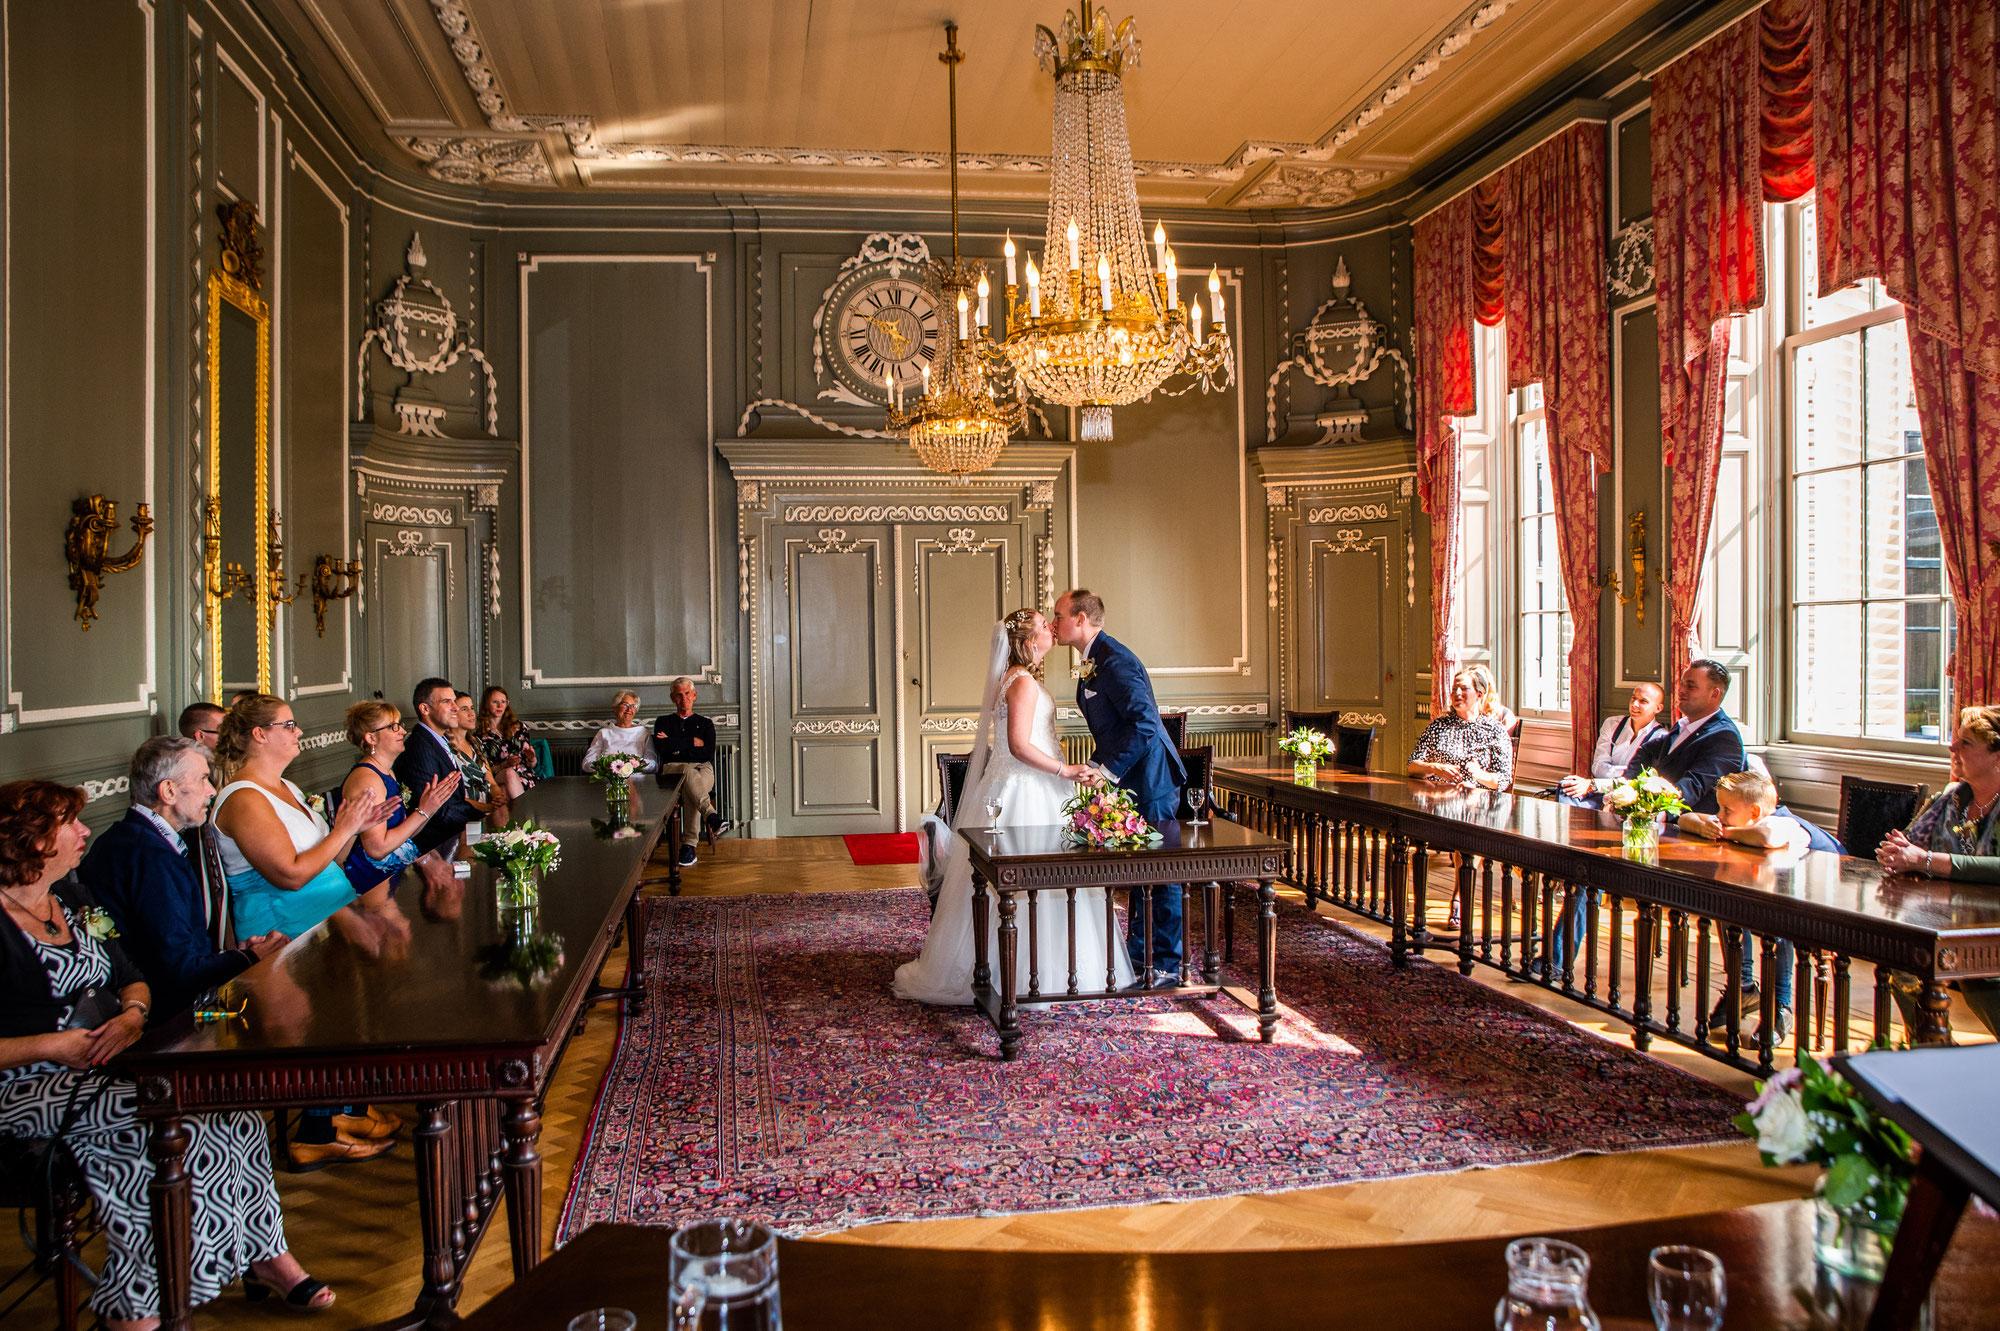 Corali Photography, trouwfotograaf, huwelijksfotograaf in Hoorn (Noord-Holland)